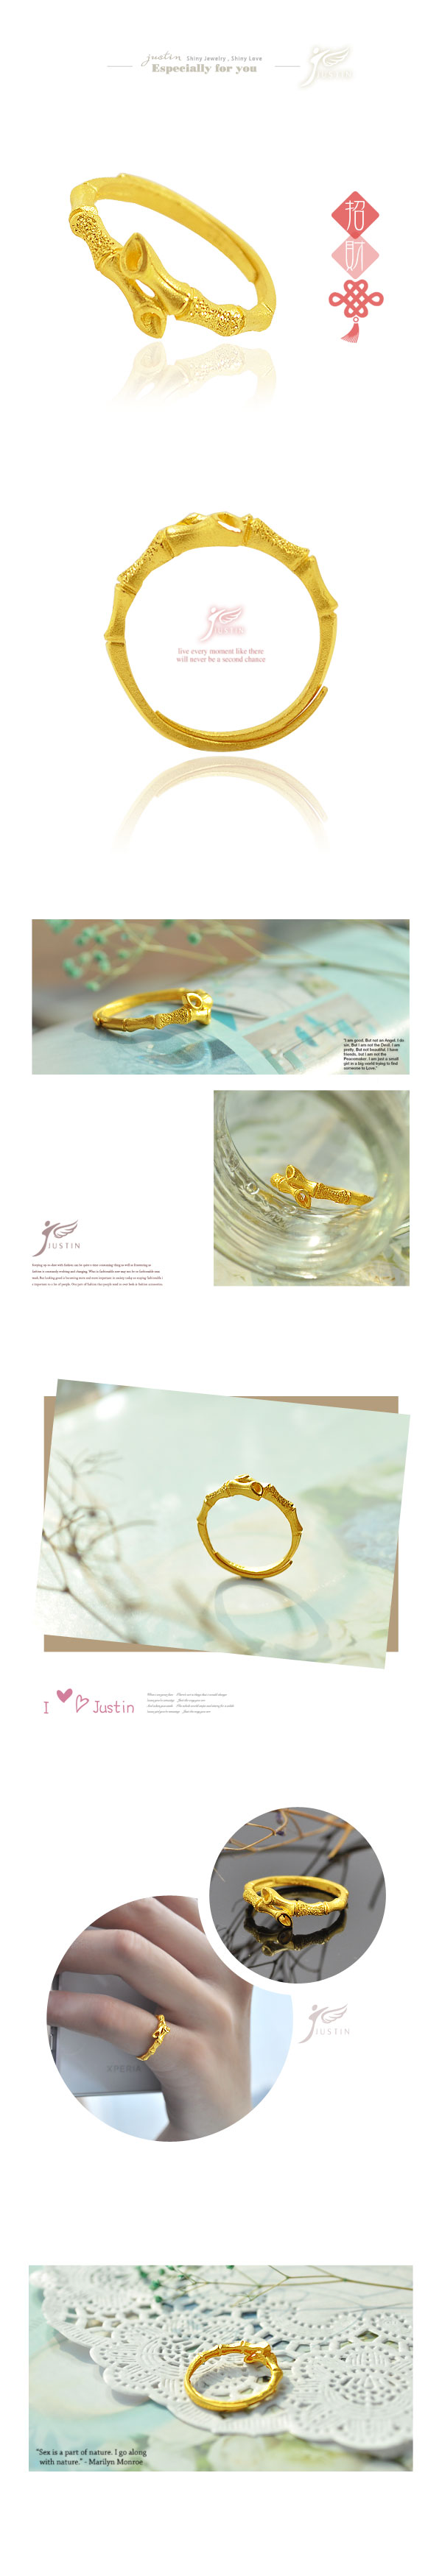 金緻品,金製品,黃金價格,金飾,金飾價格,黃金飾品,金飾店,純金,金飾品牌,黃金投資,黃金戒指,節節高升,升官戒指